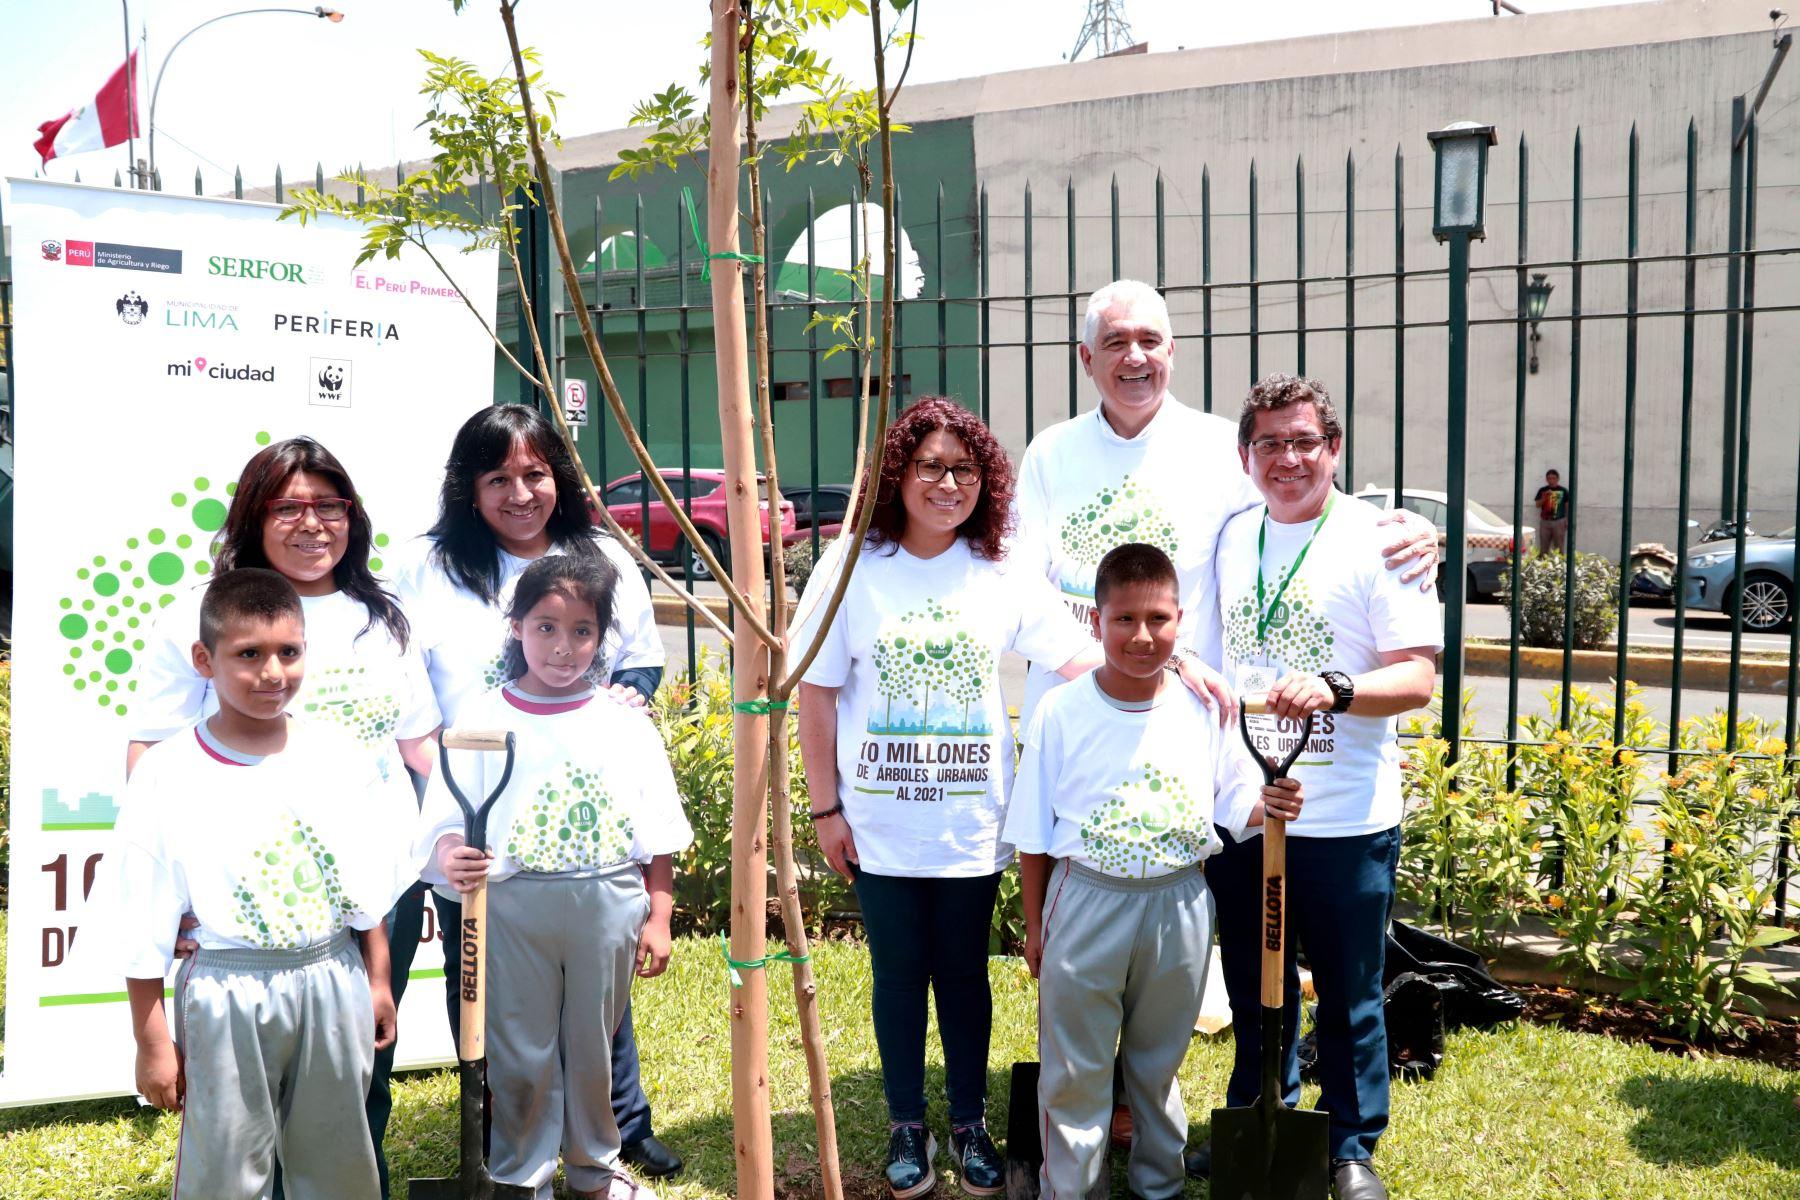 Con participación de la comunidad, hoy comenzó campaña para sembrar 10 millones de árboles urbanos hasta el 2021.